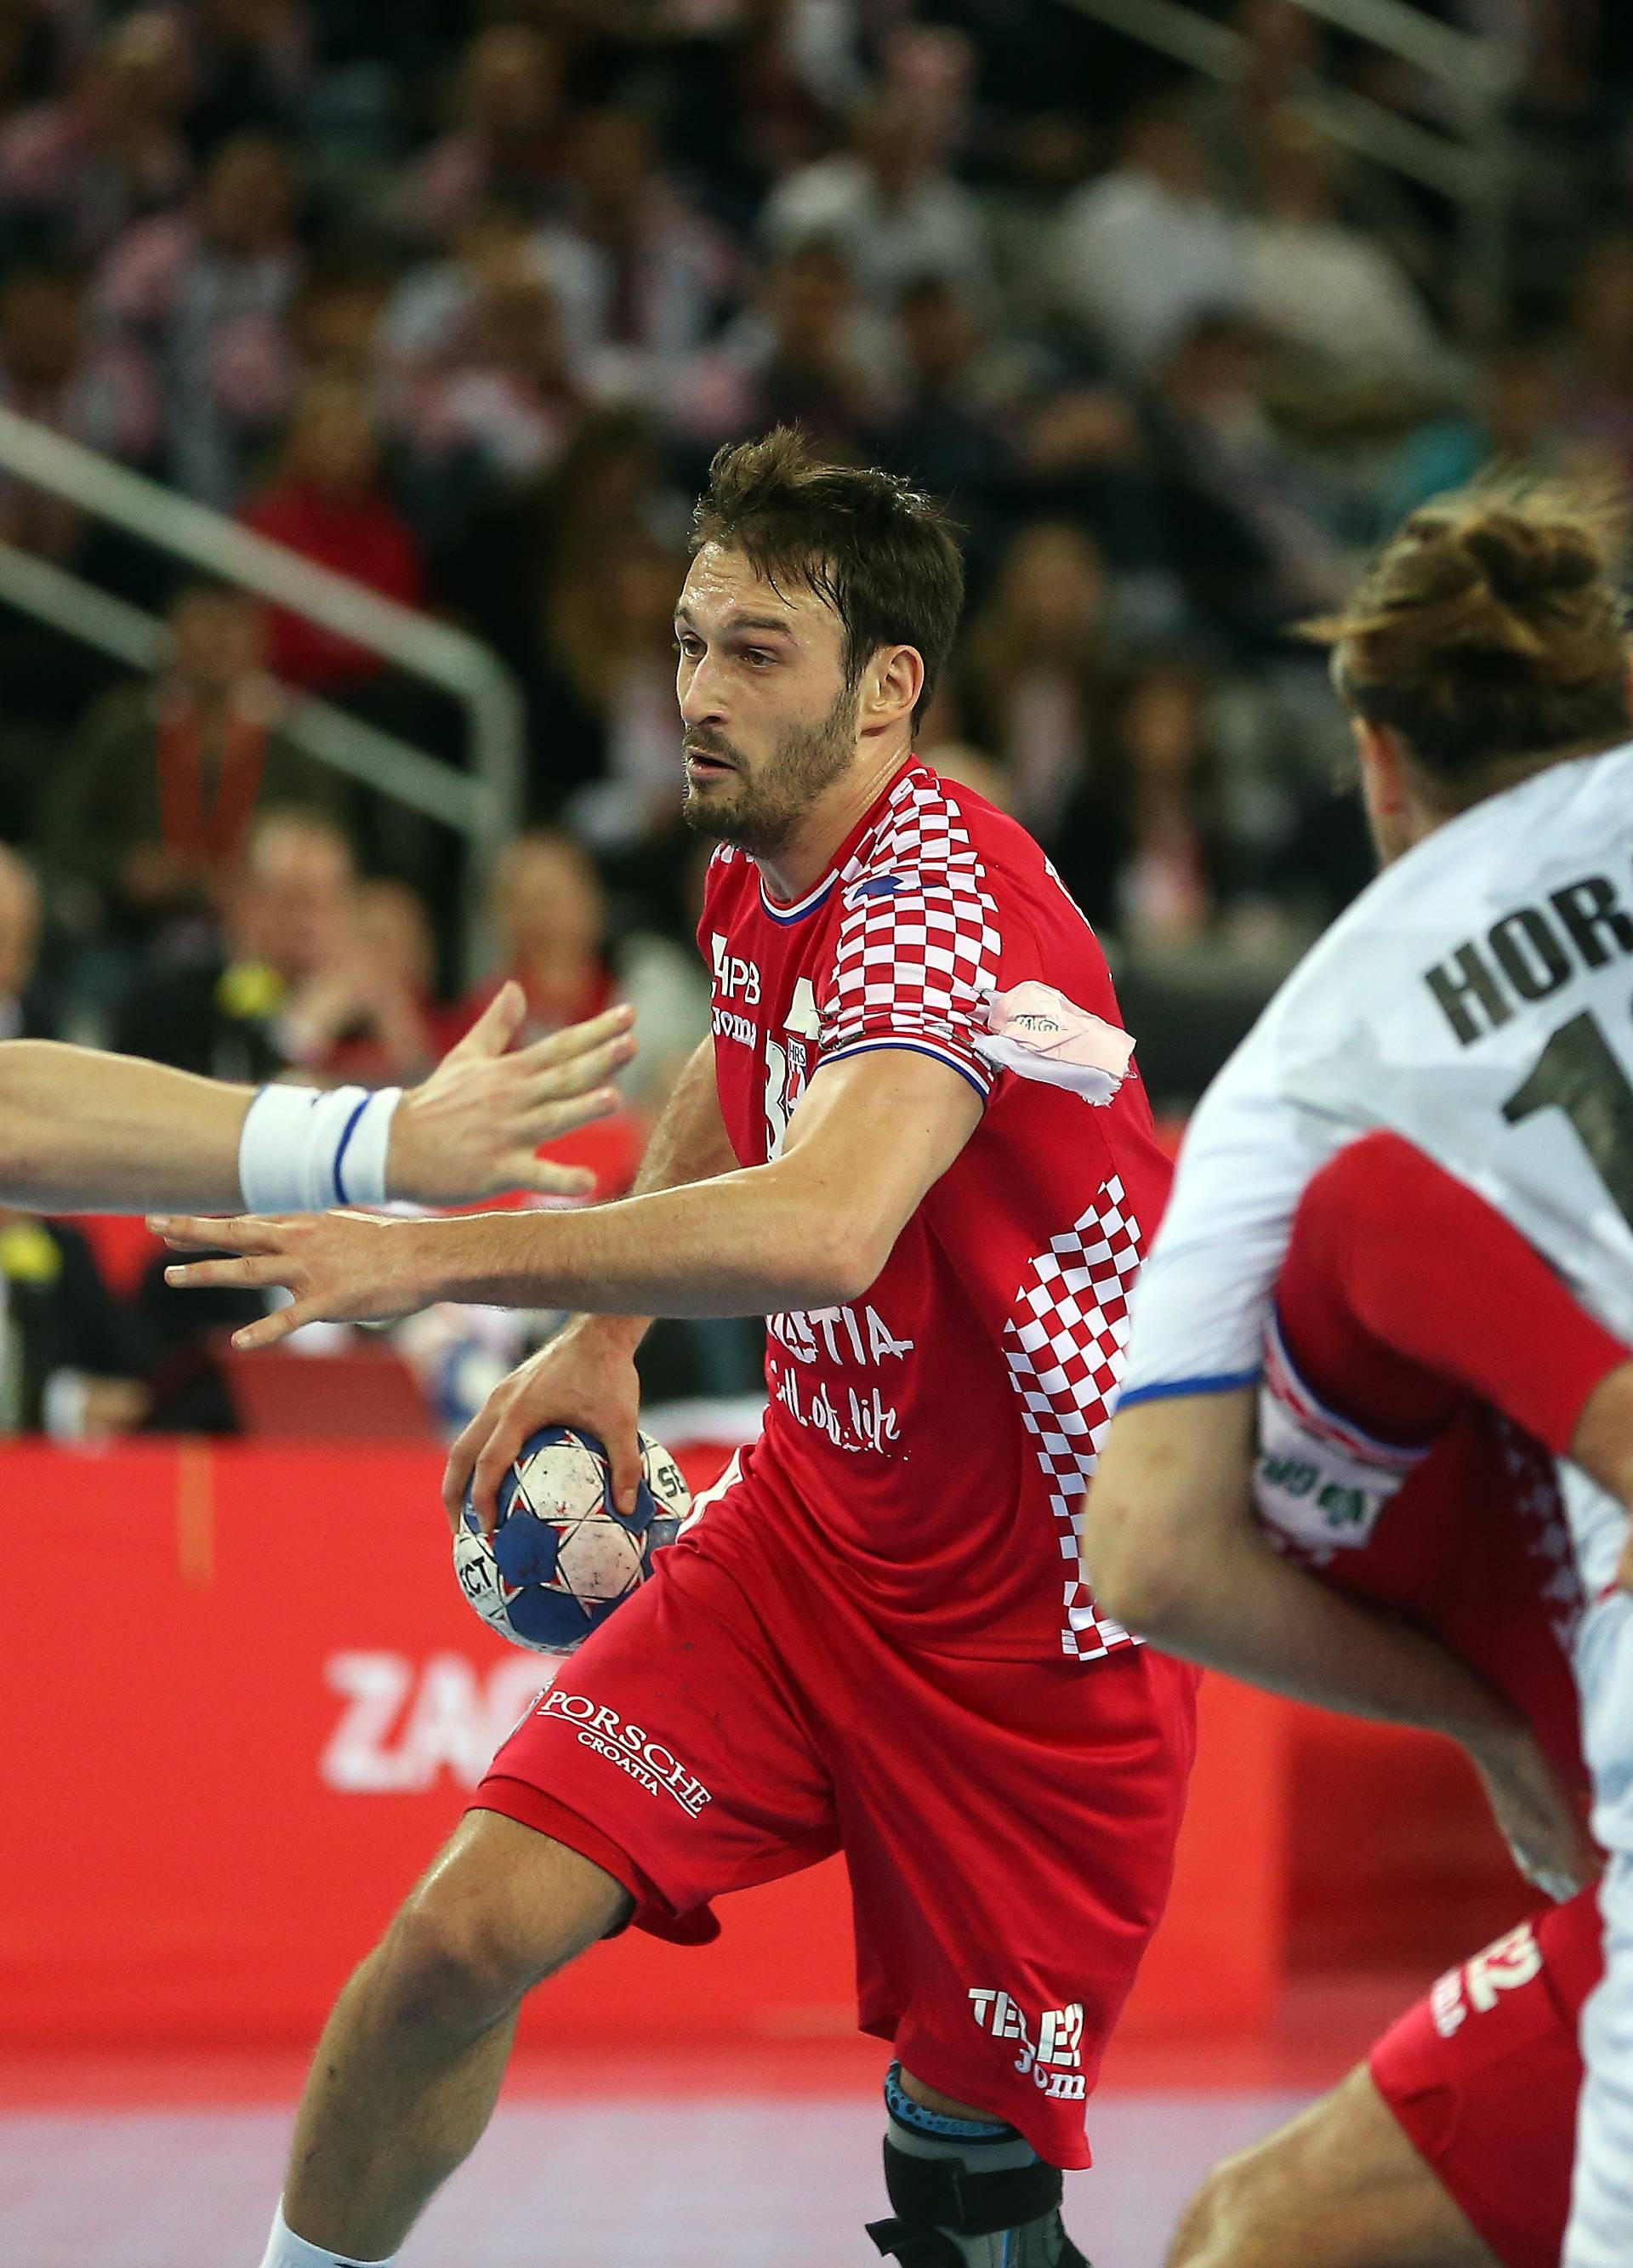 Umalo sve uprskali! Hrvatska ipak dobila Čehe za 5. mjesto